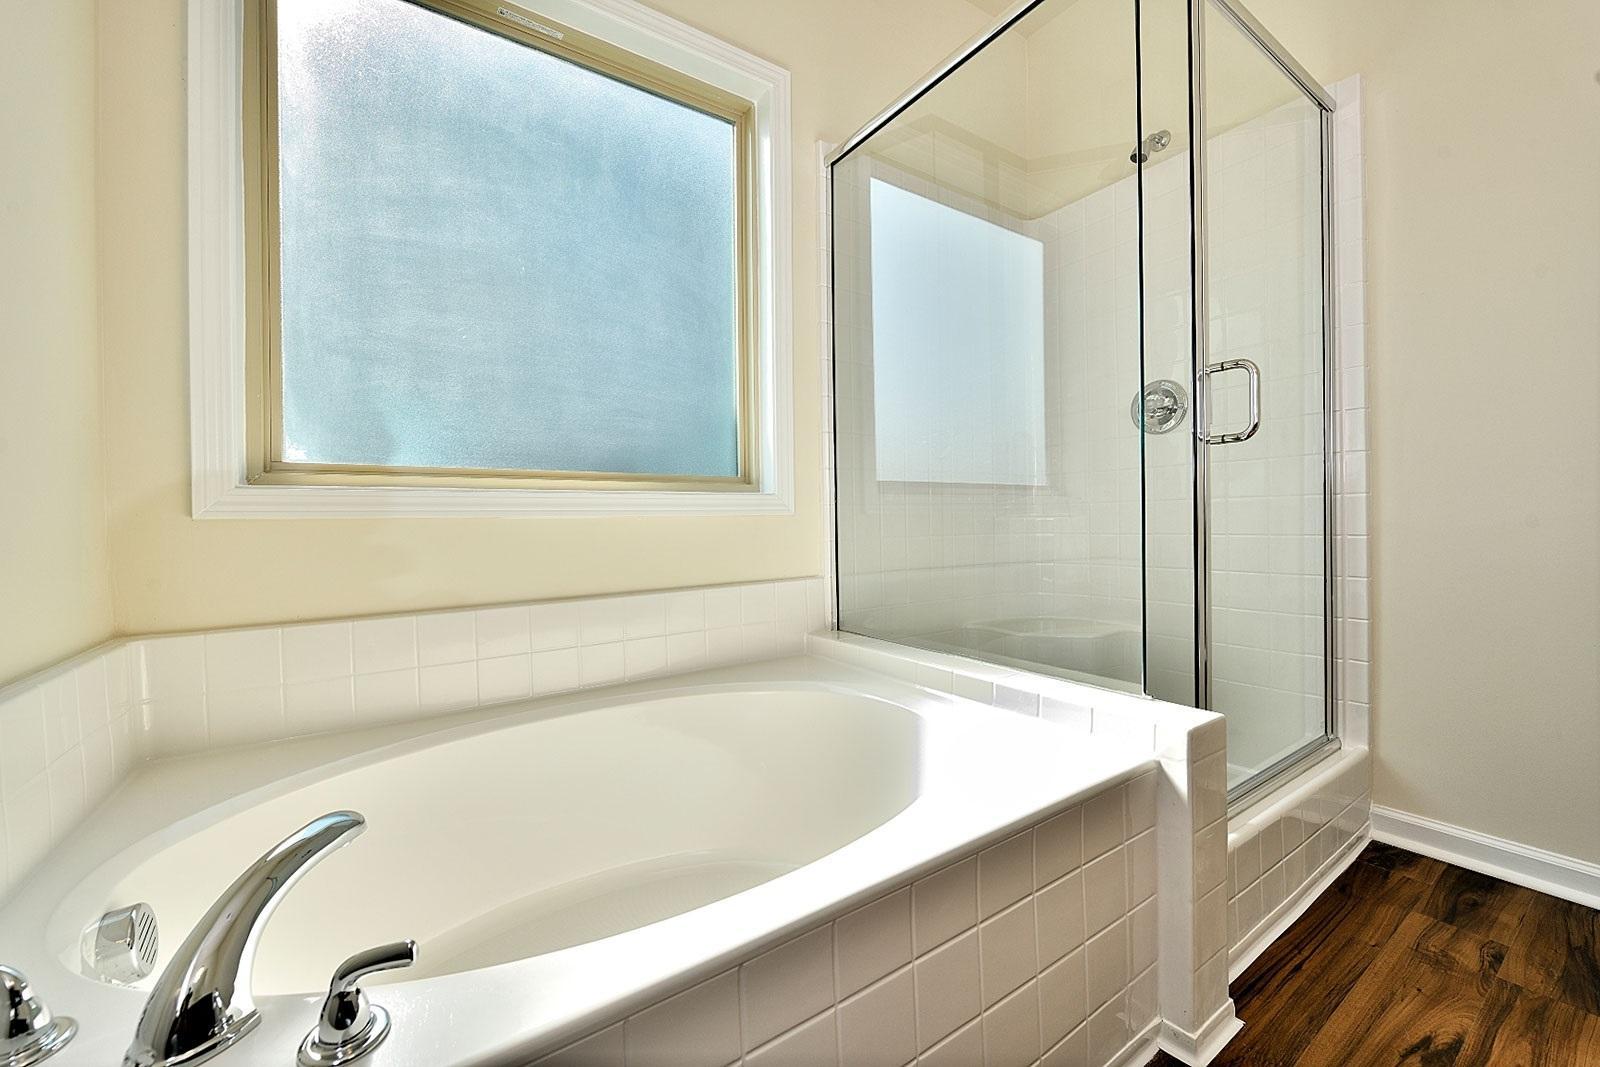 Medway Landing Homes For Sale - 254 Hyrne Drive, Goose Creek, SC - 0